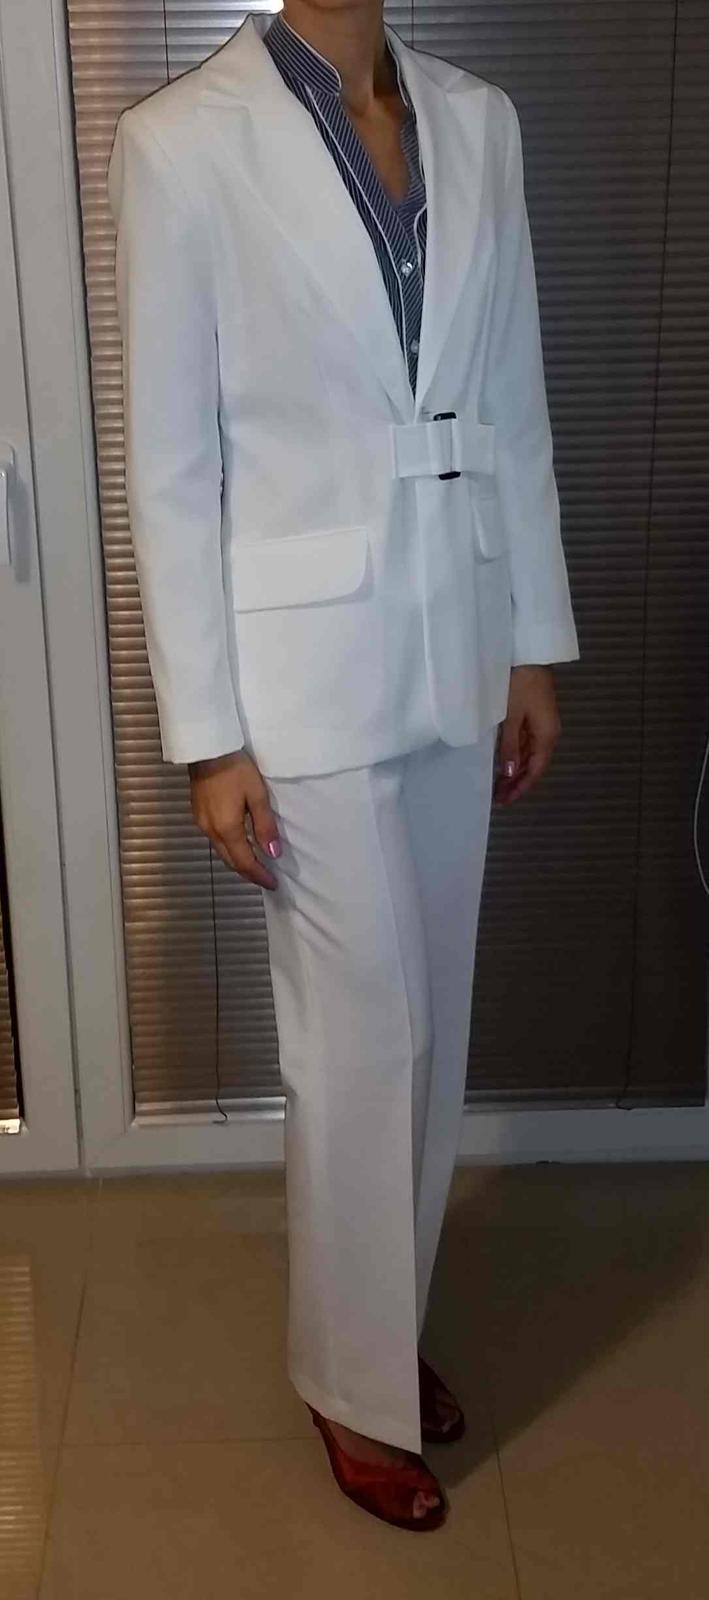 9d8fd127b09b Svadobny kostym nohavicovy (sneho-biely)